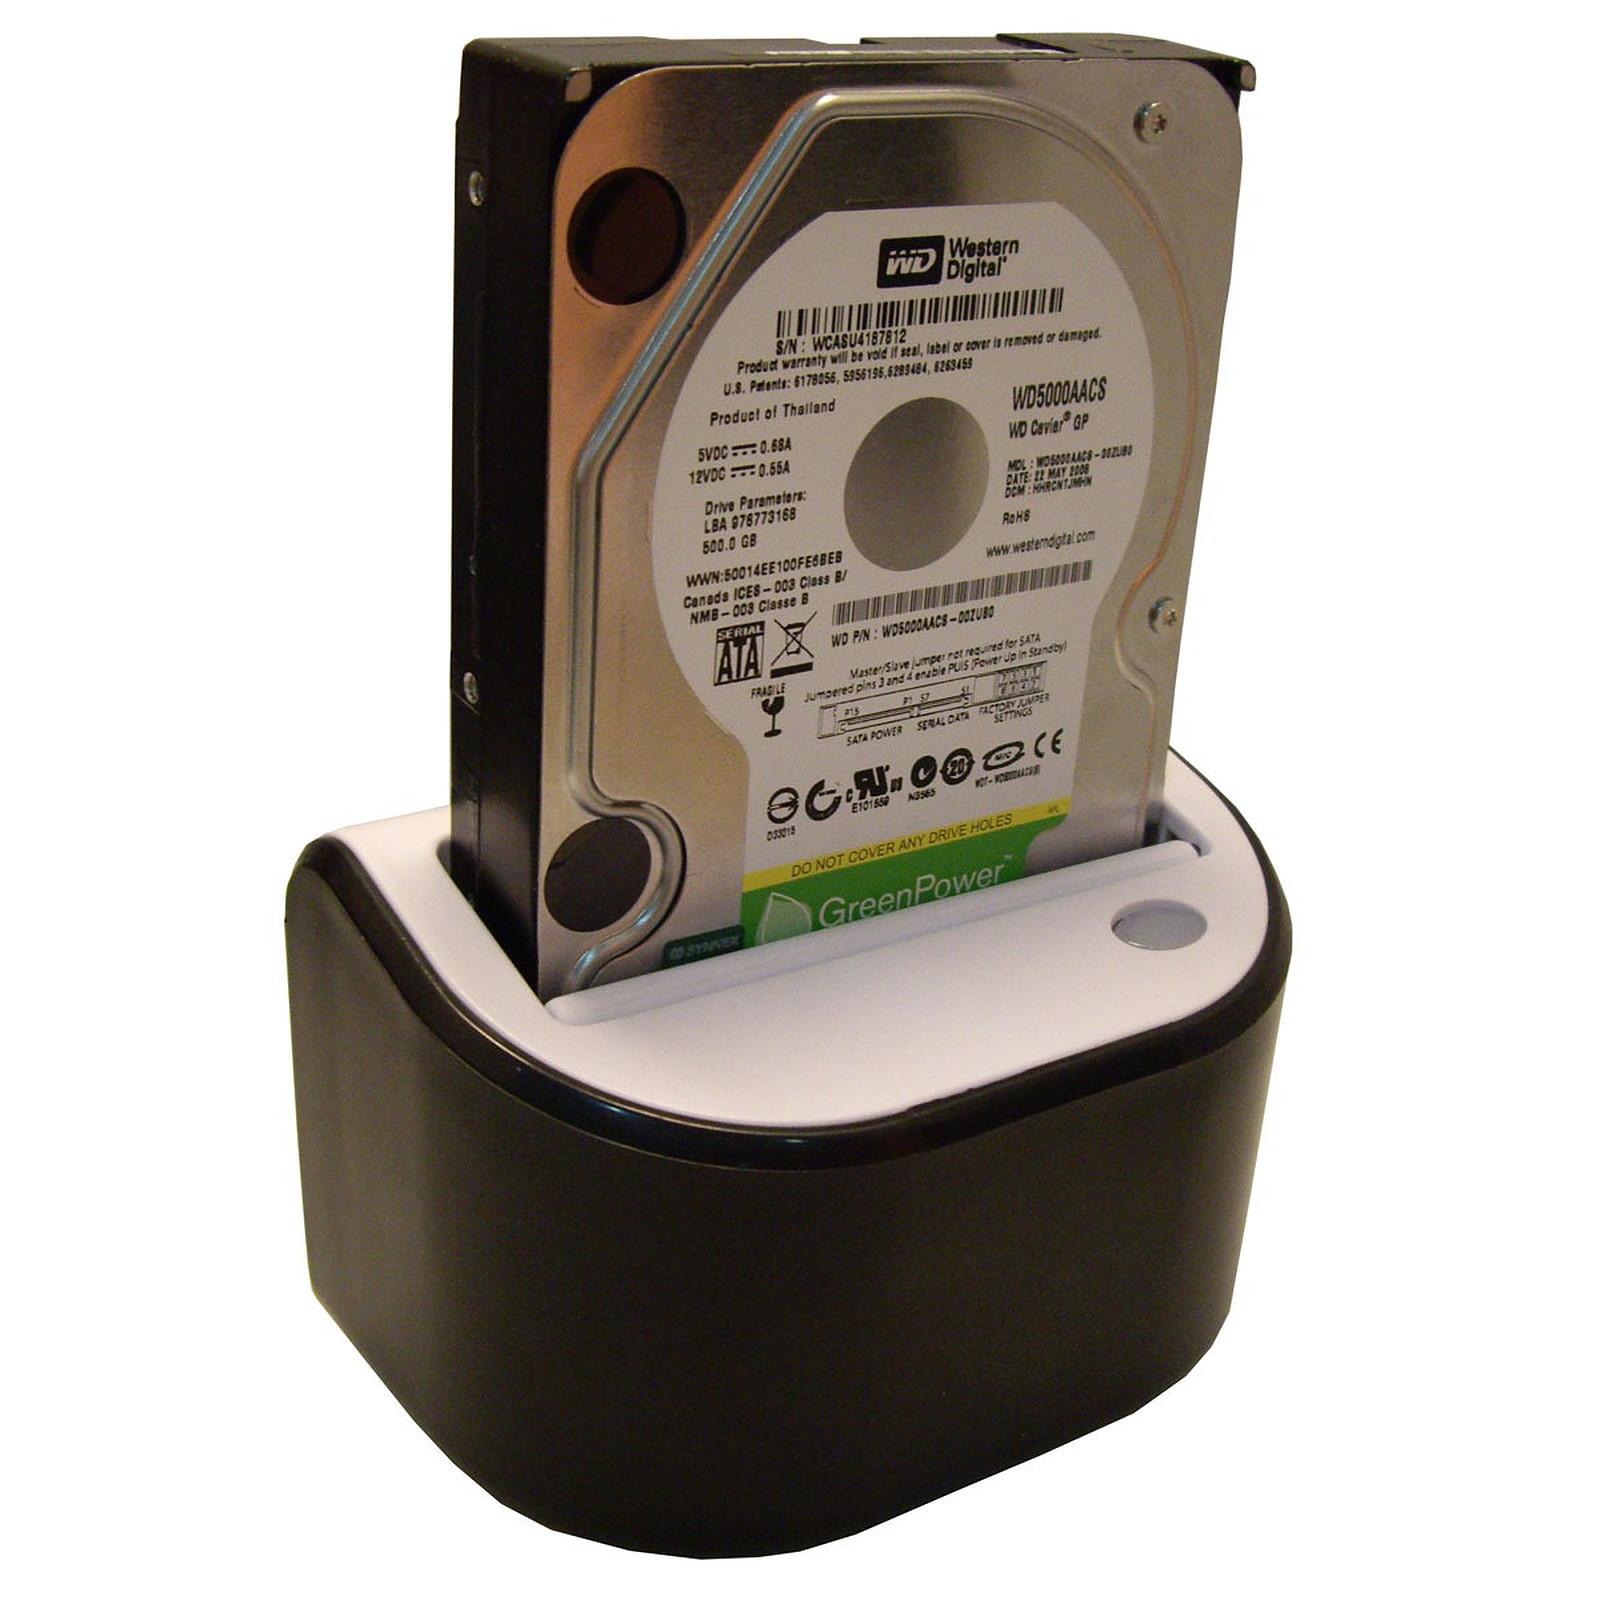 Station d'accueil pour disque dur USB 3.0